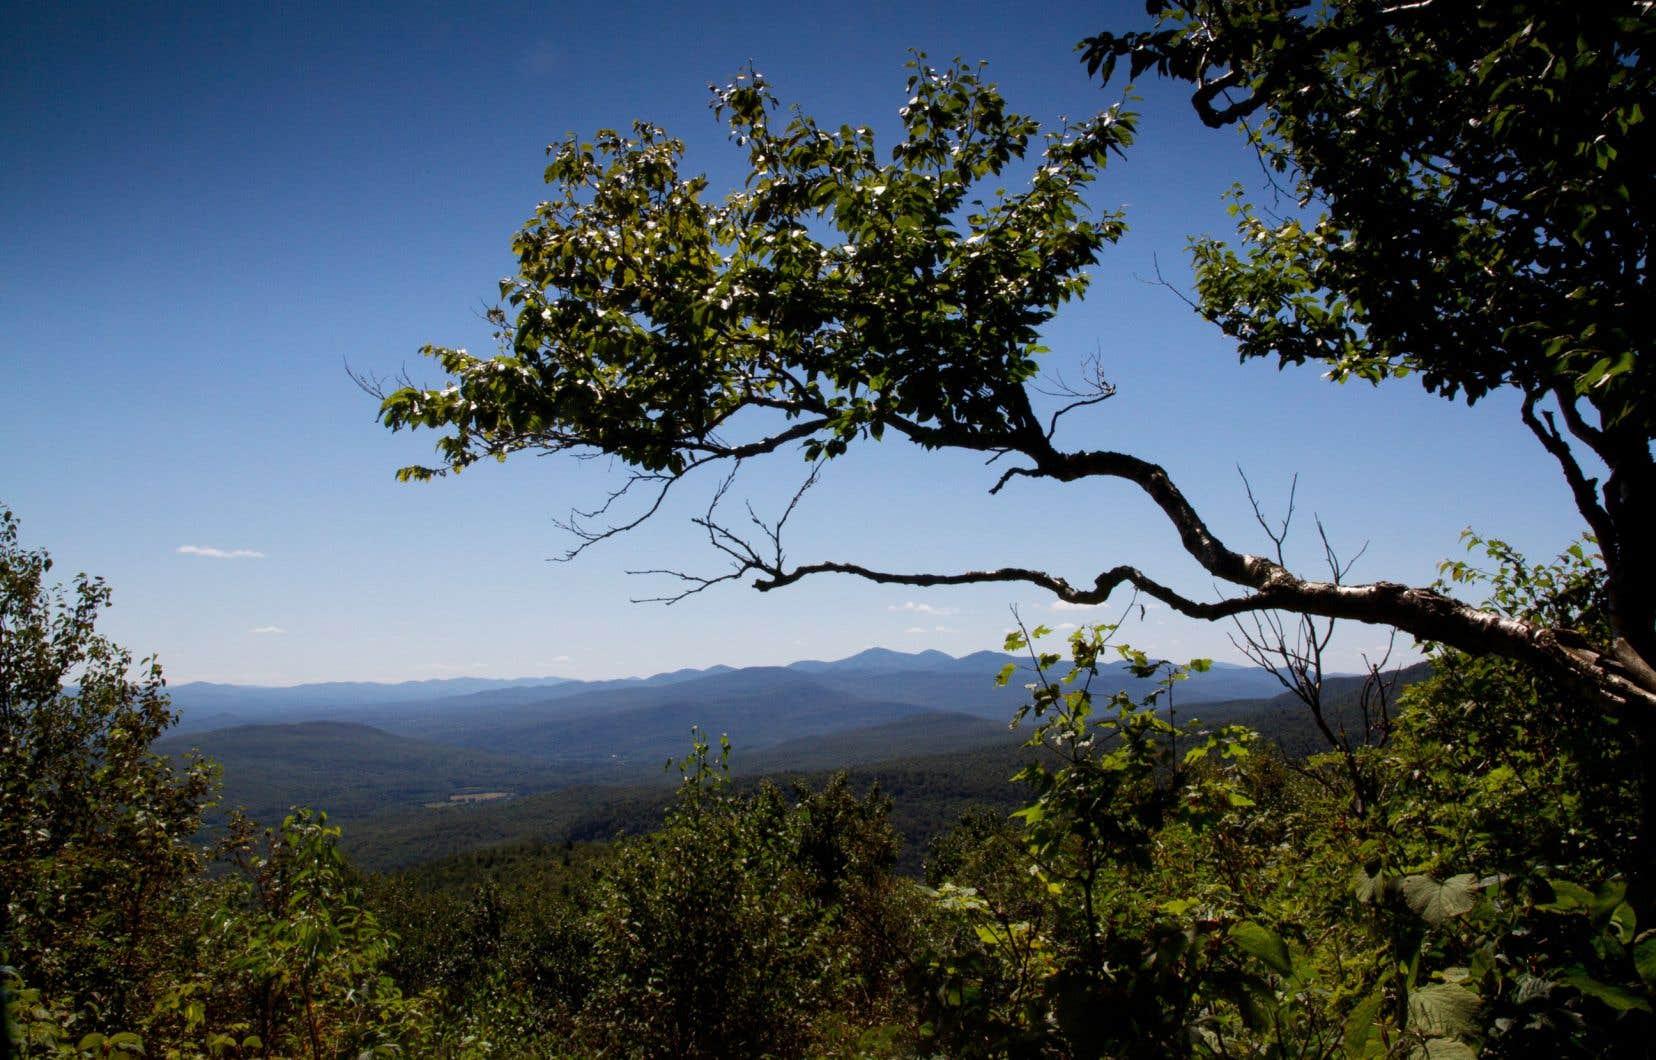 Les sentiers du Mont Singer, dans la réserve naturelle des Montagnes-Vertes, offrent un bon défi en randonnée.